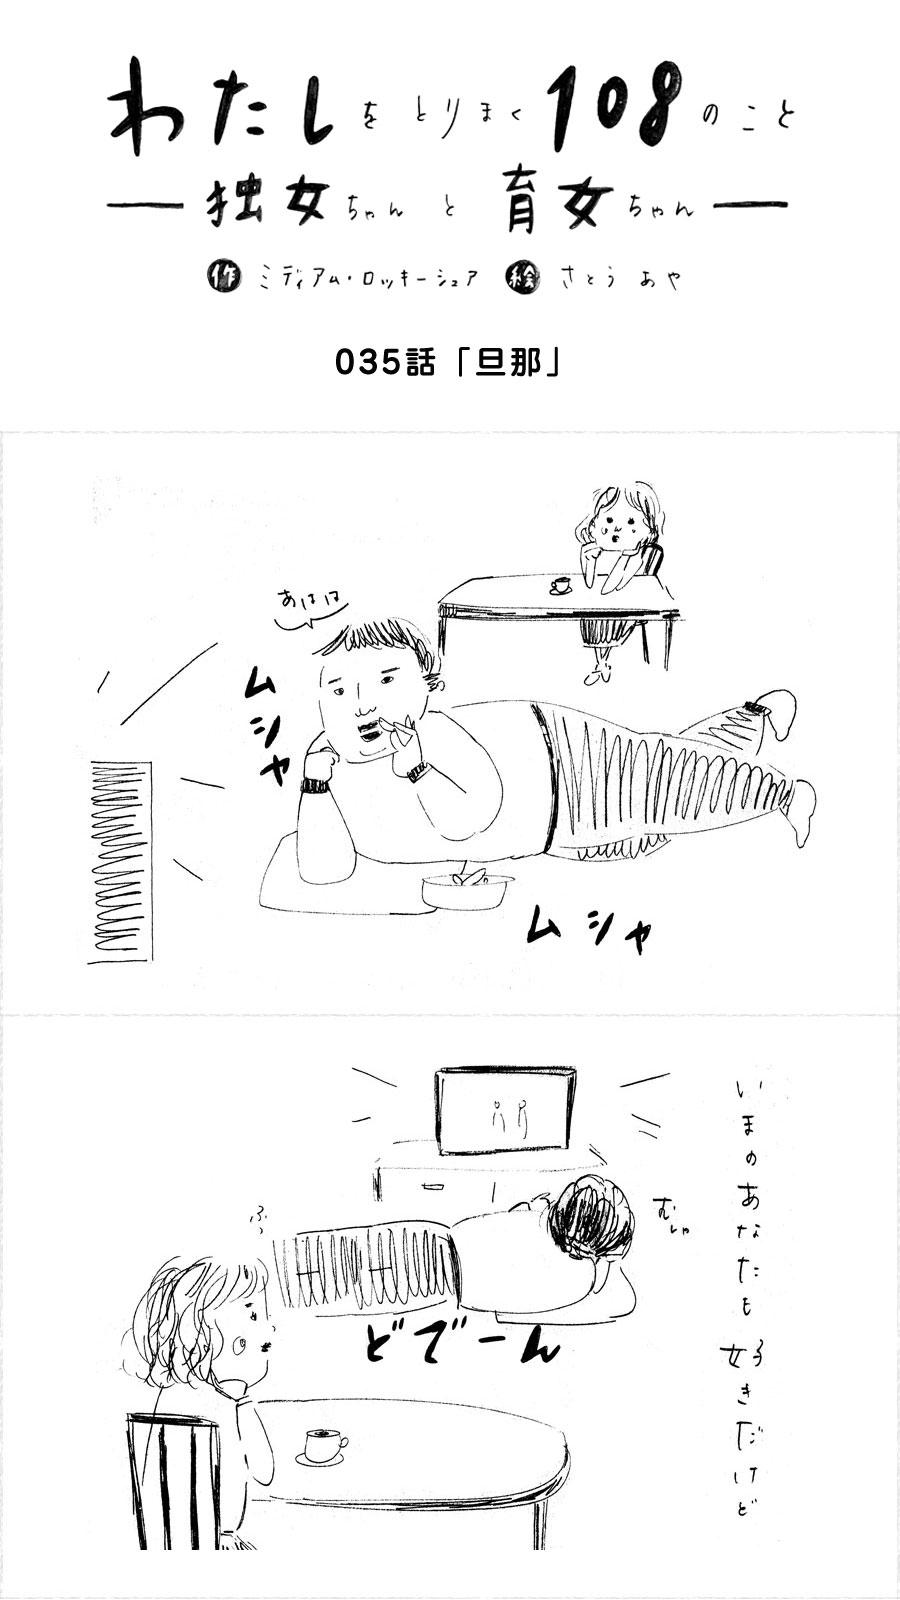 035_旦那_育女ちゃん_000